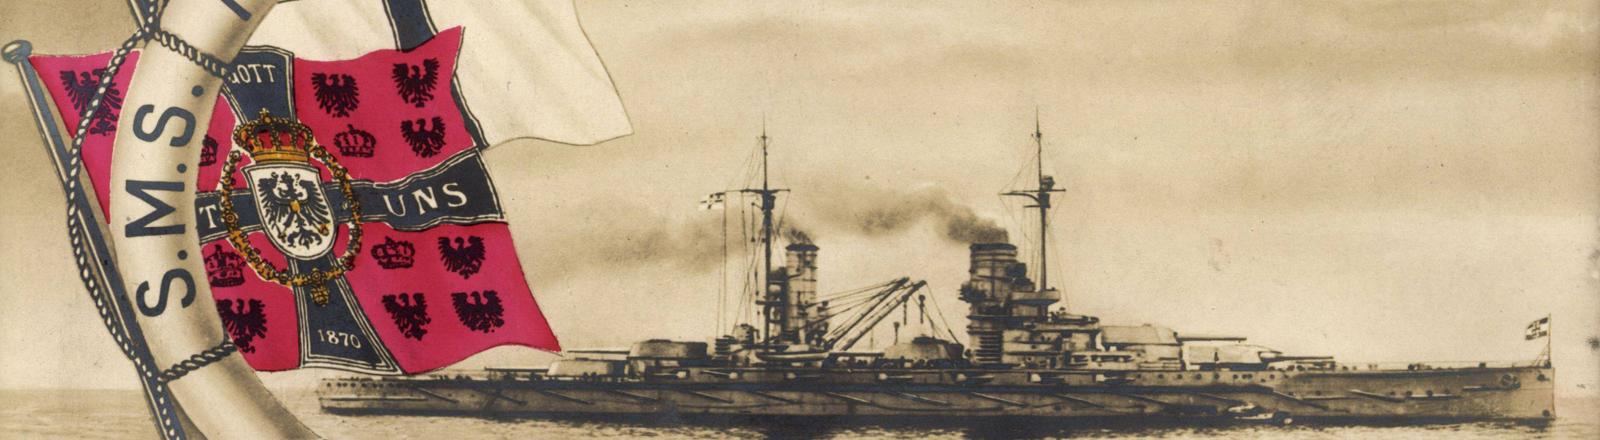 """Kriegsschiff S.M.S """"König auf hoher See"""""""